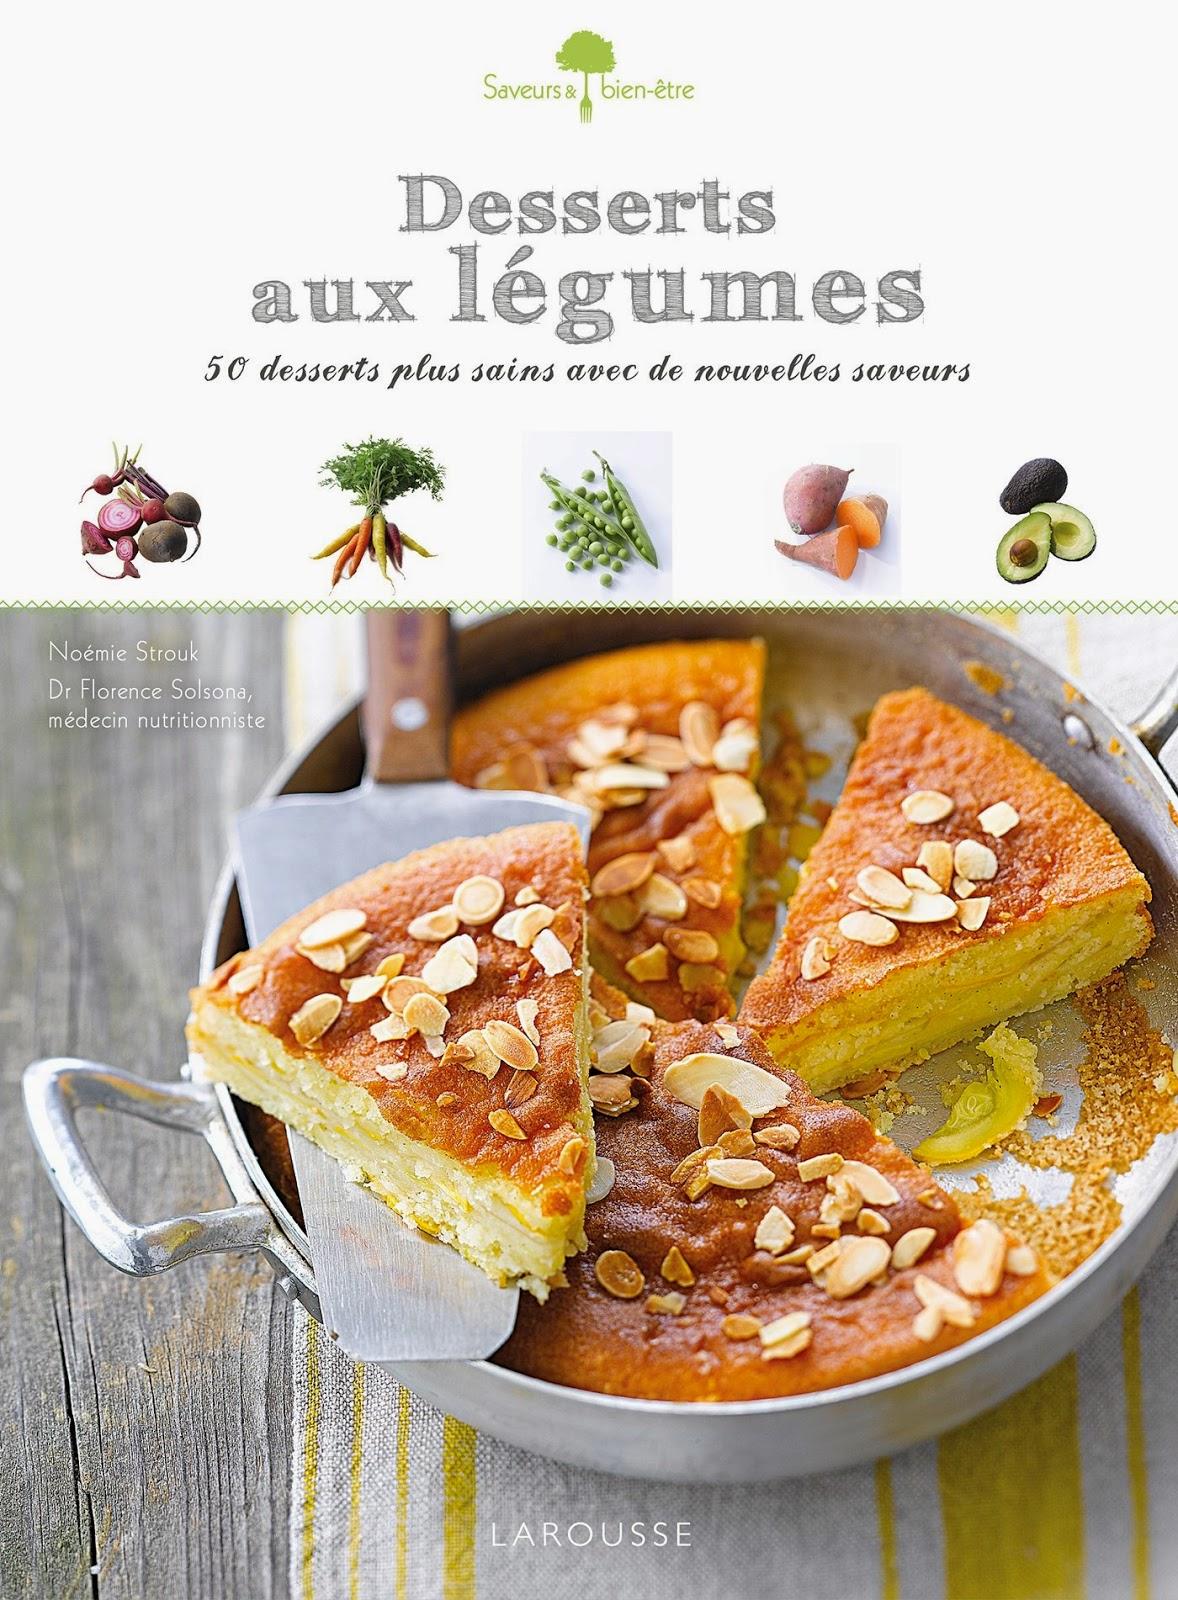 http://www.amazon.fr/Desserts-aux-l%C3%A9gumes-No%C3%A9mie-Strouk/dp/2035906857/ref=pd_bxgy_b_img_y